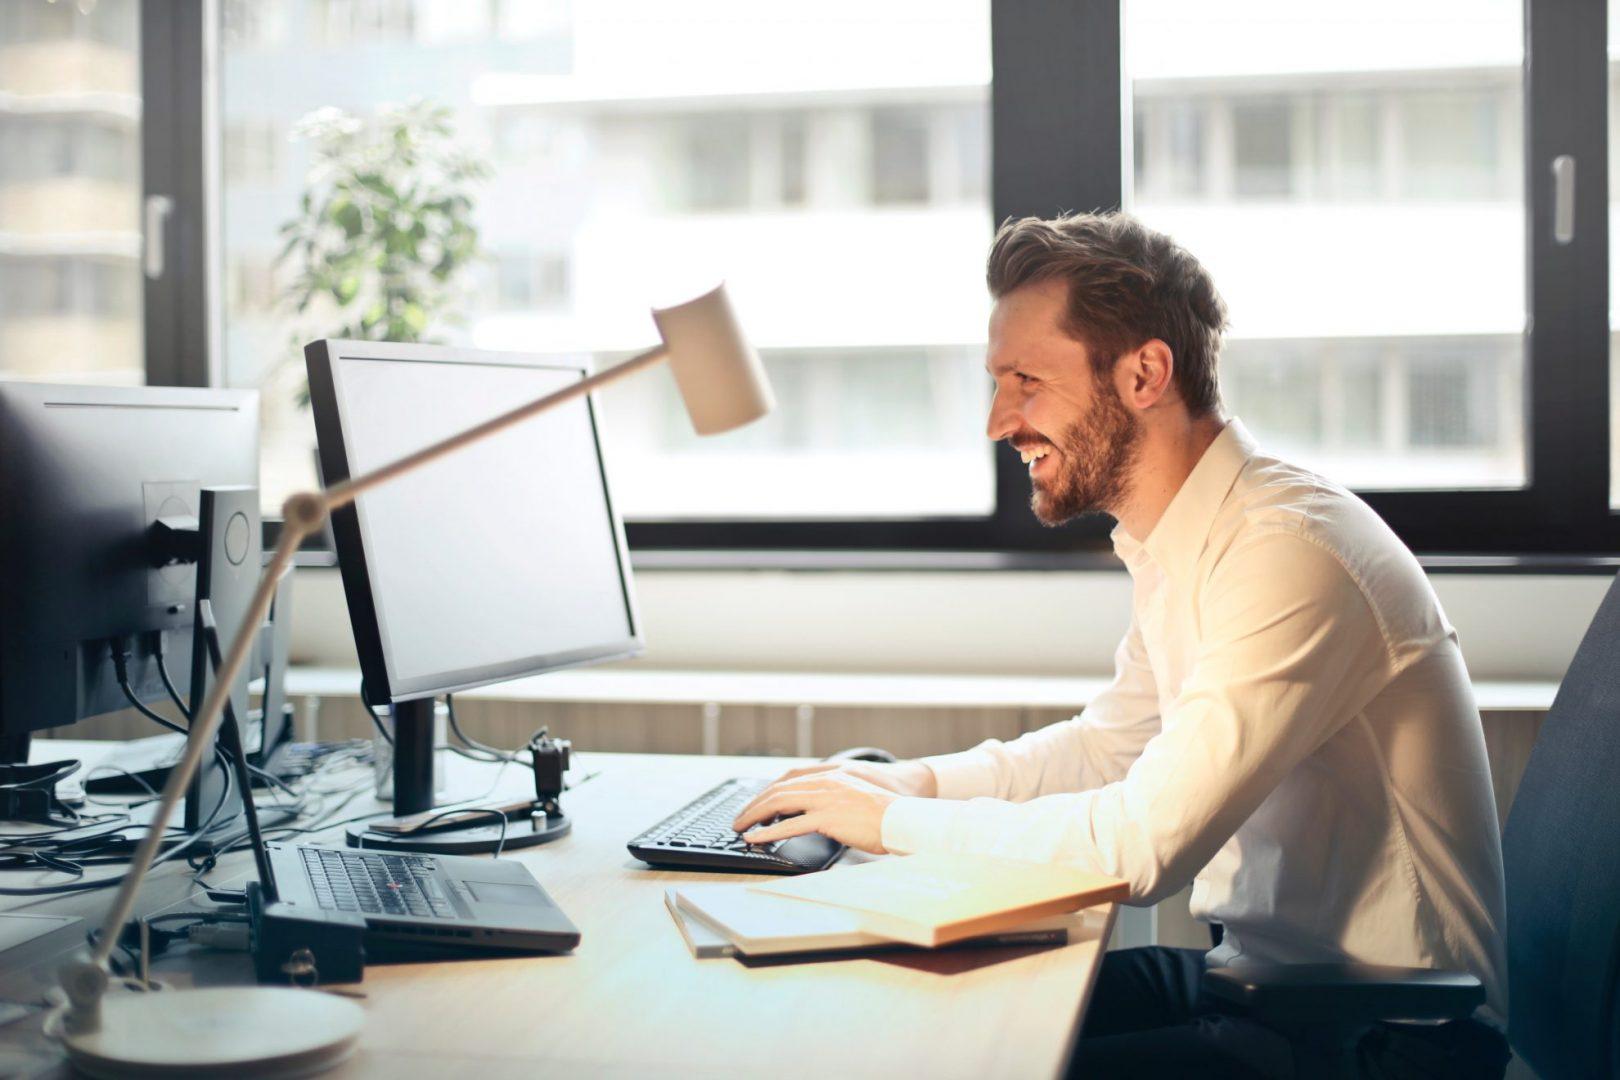 Usmiechniety mezczyzna siedzacy przy komputerze